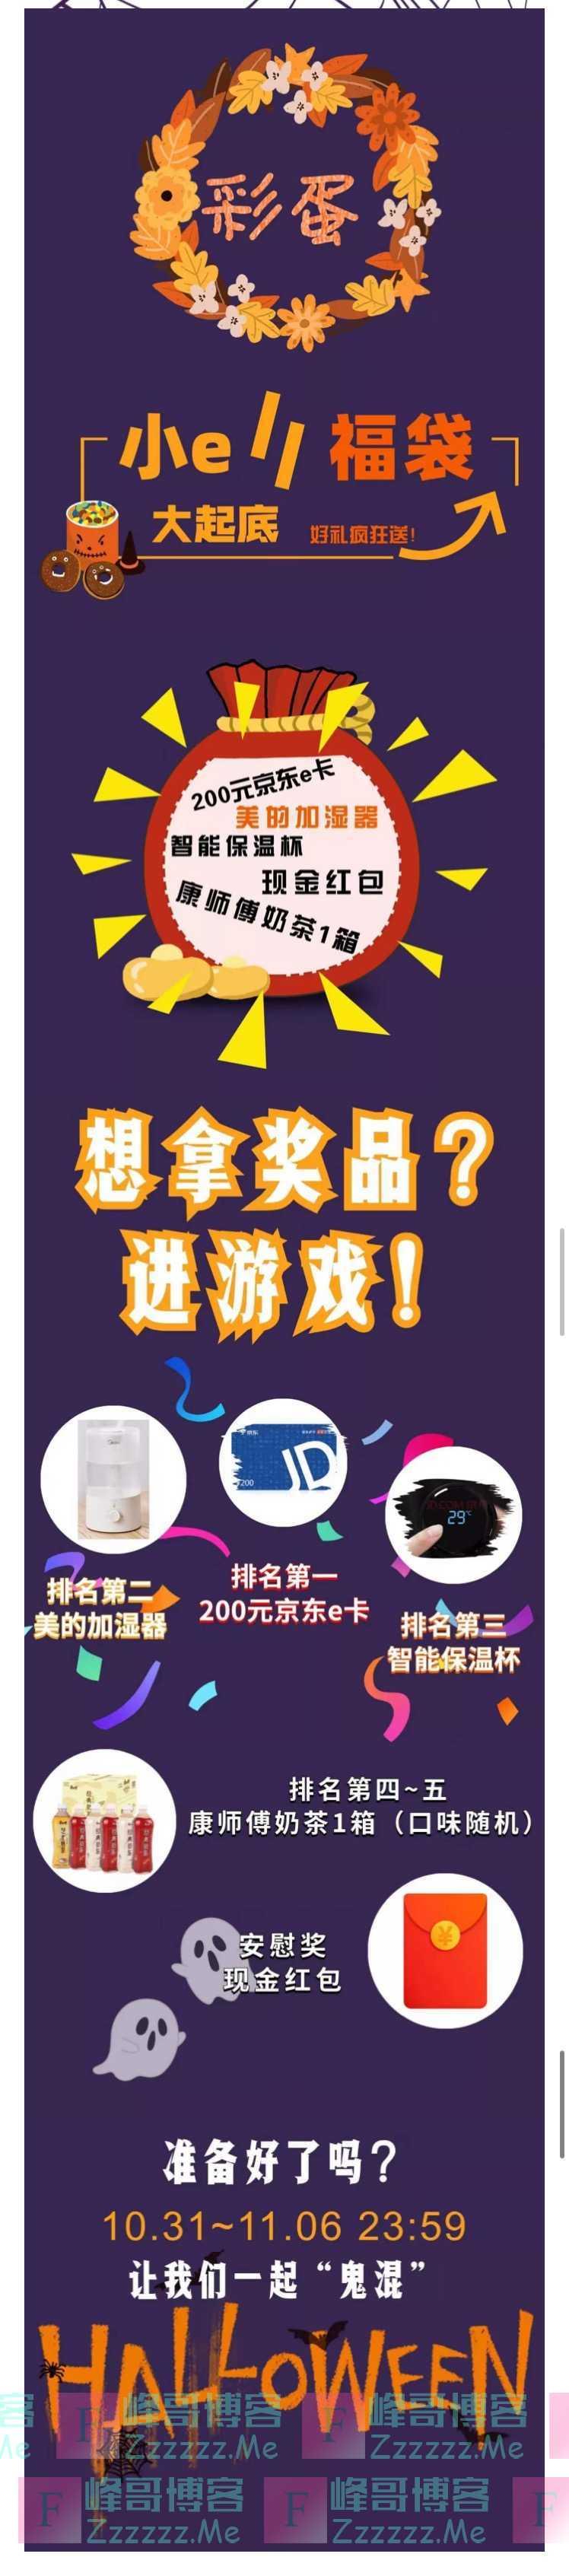 微动e族黑龙江站万圣节狂欢趴(11月6日截止)